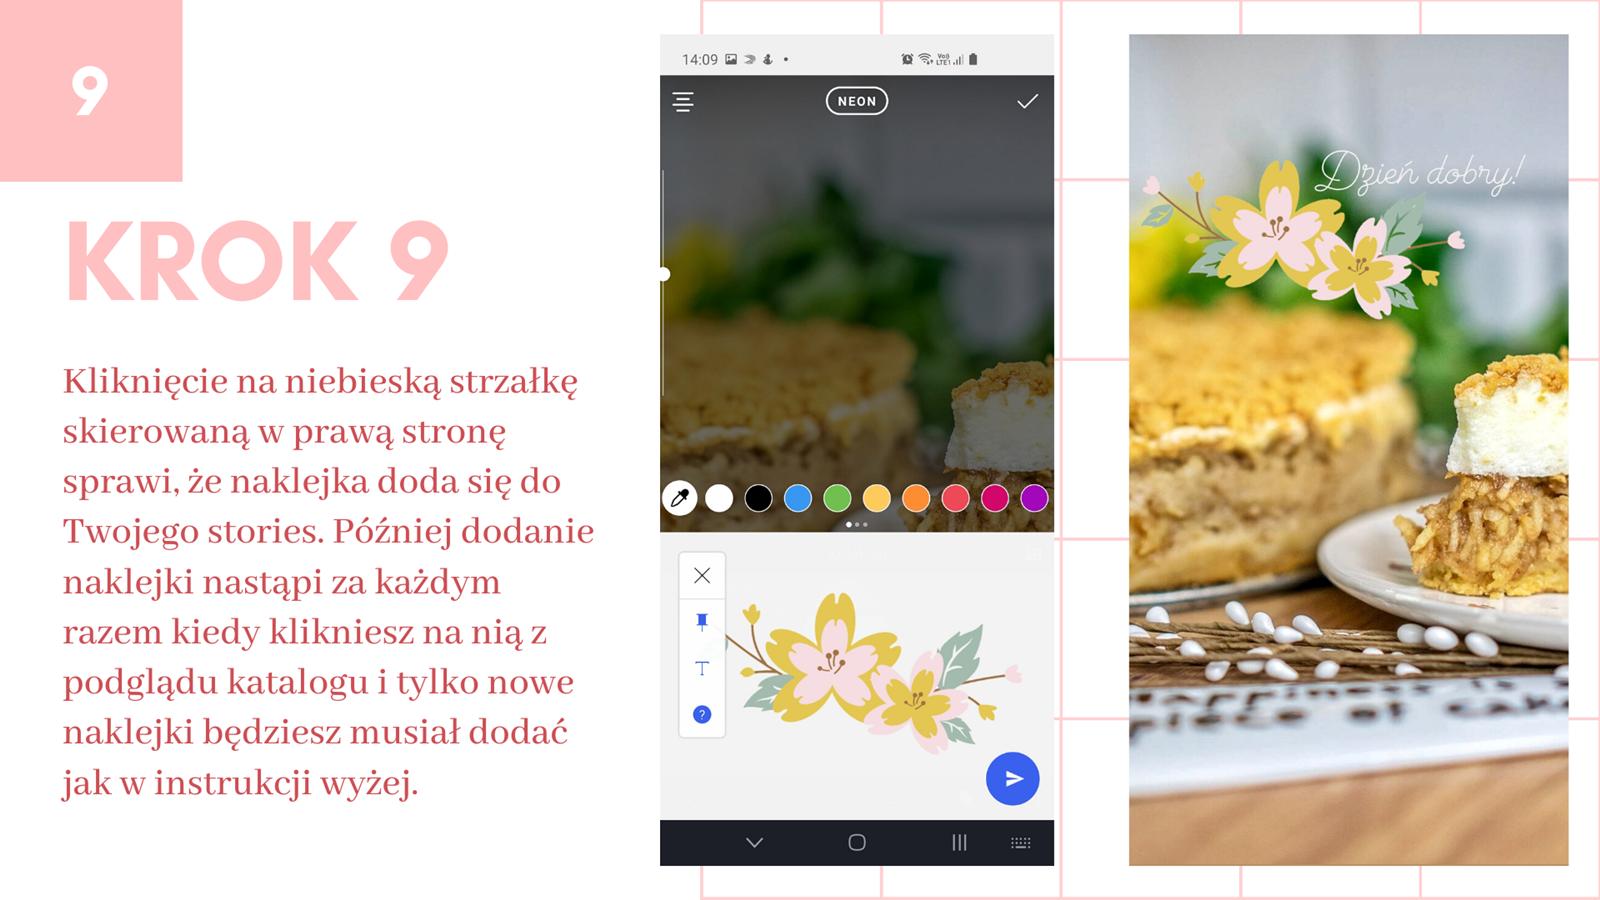 10 darmowe naklejki na instastories kwiaty wielkanoc jak zrobić swoją naklejkę na stories instagram jak wstawiać naklejki na instastory klawiatura swiftkey instrukcja krok po kroku